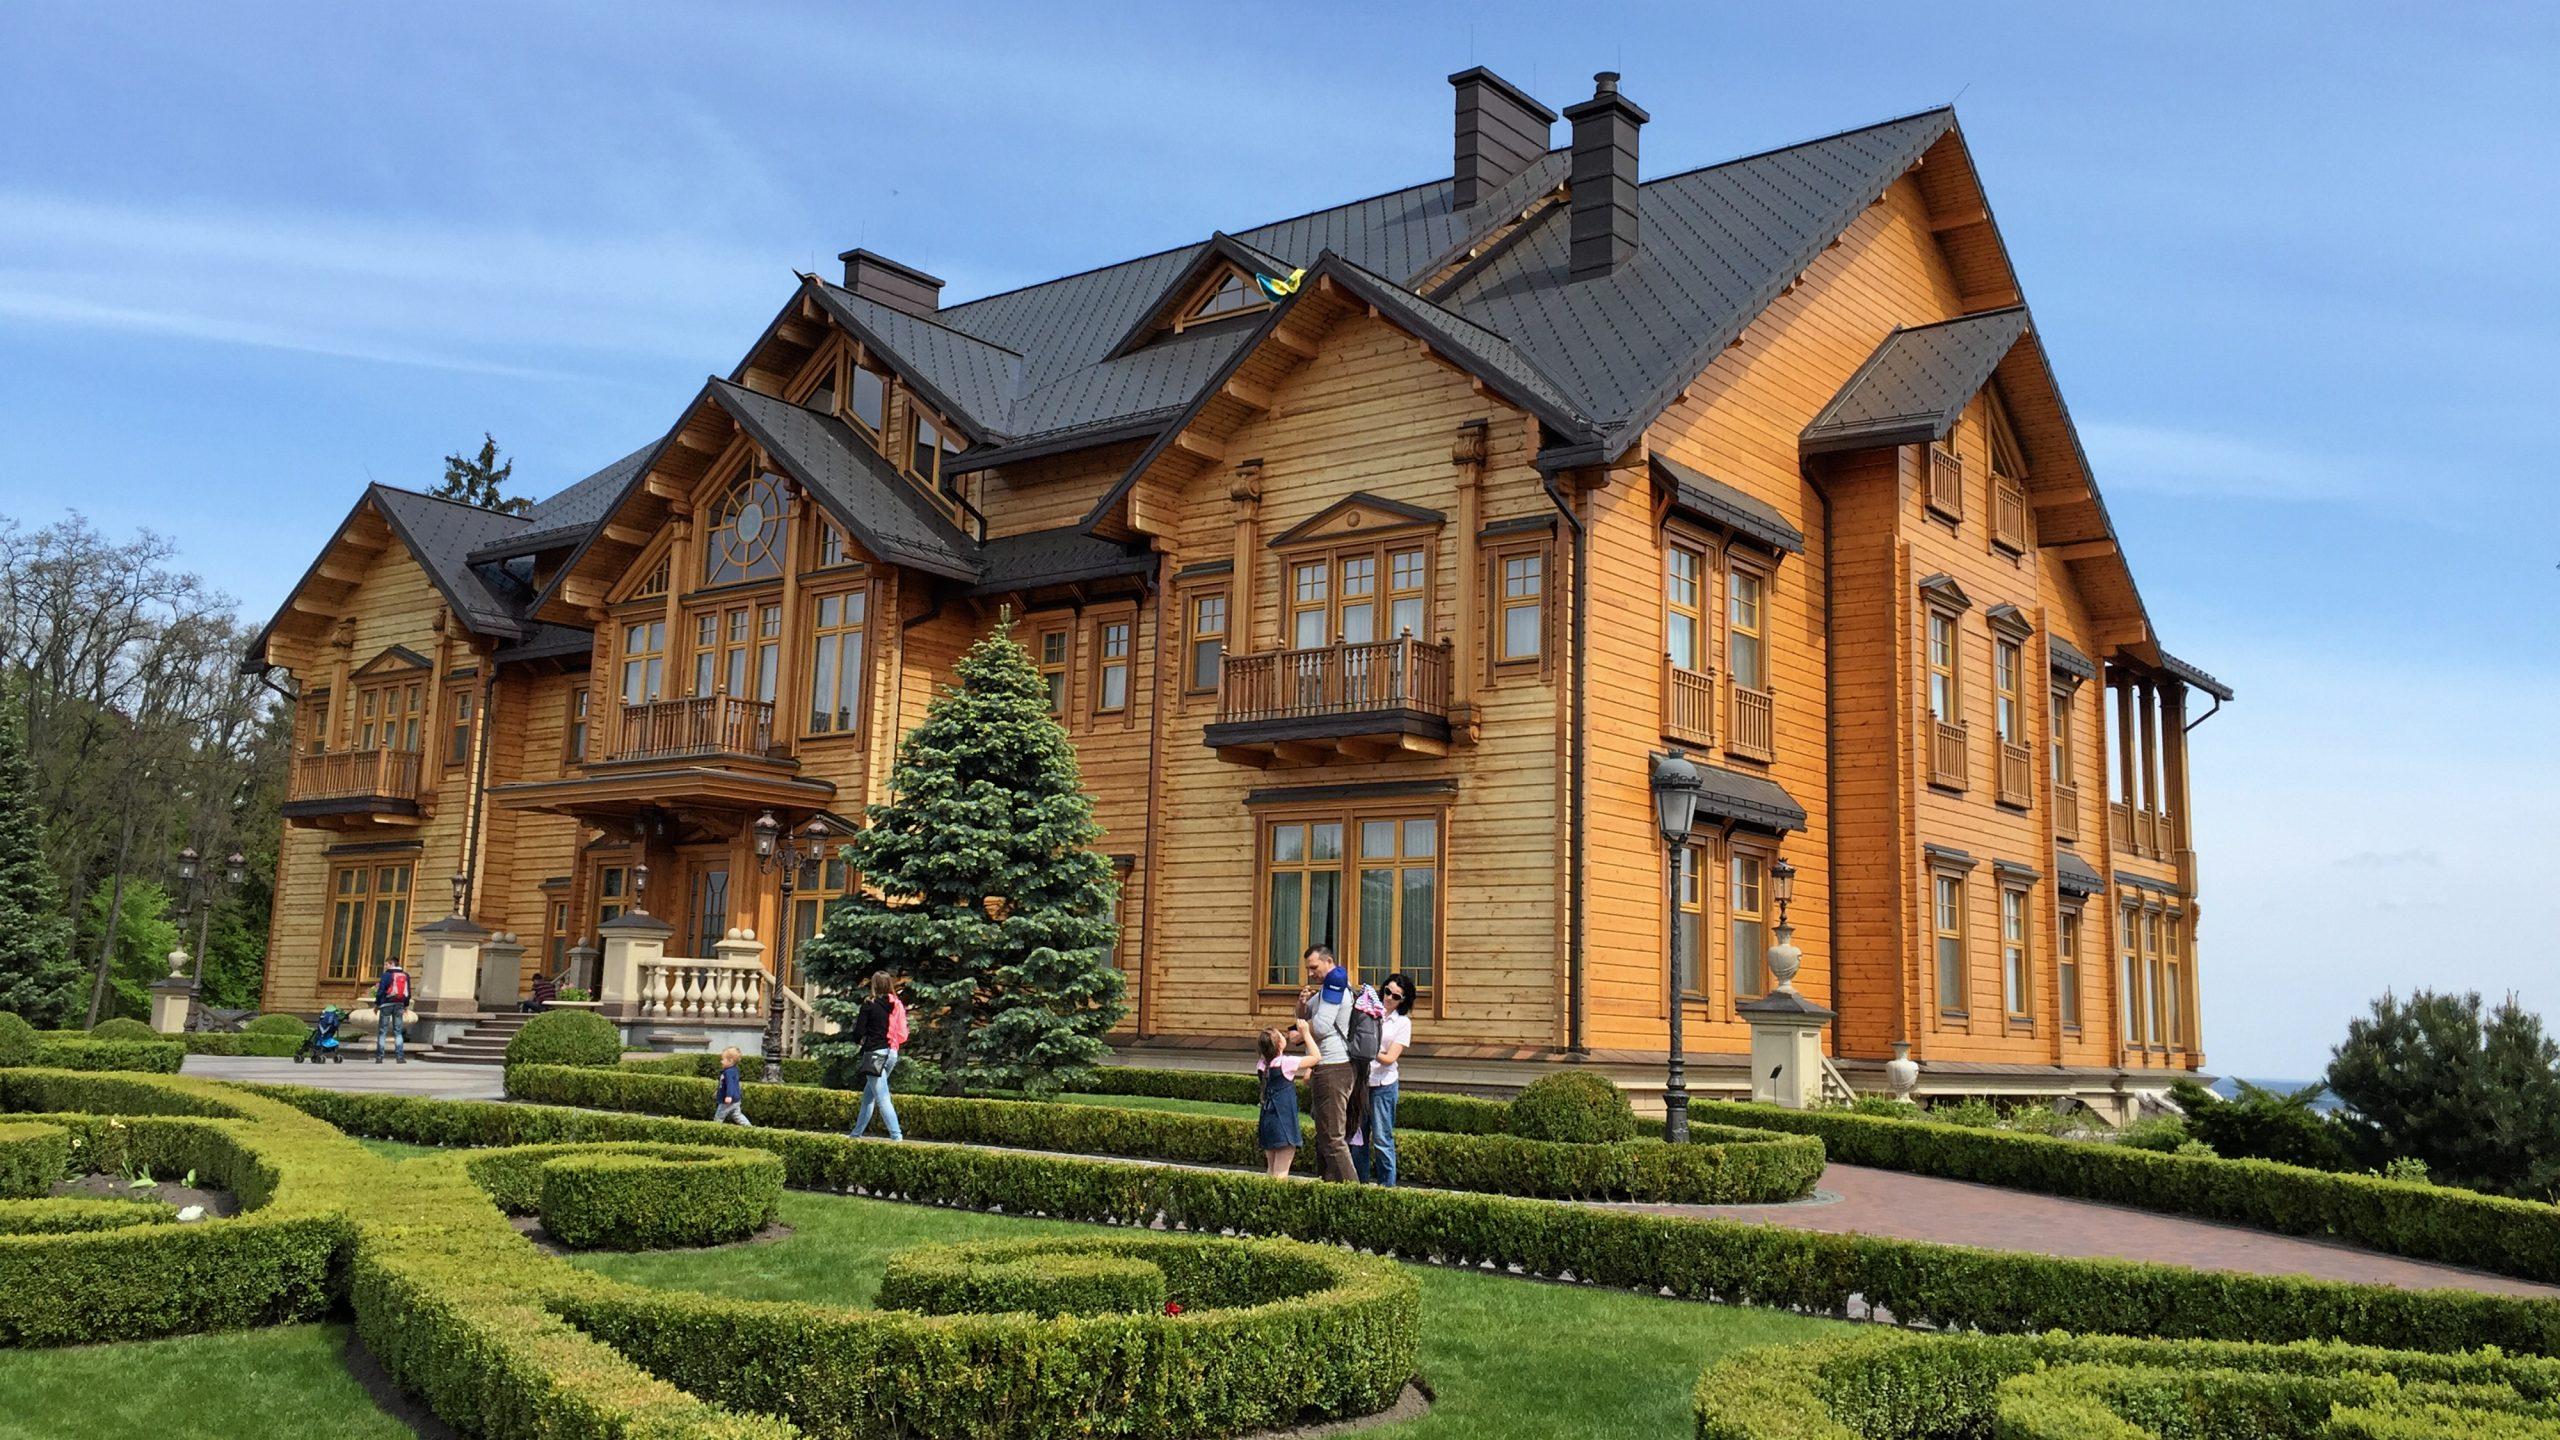 Hus ukrainska japanska